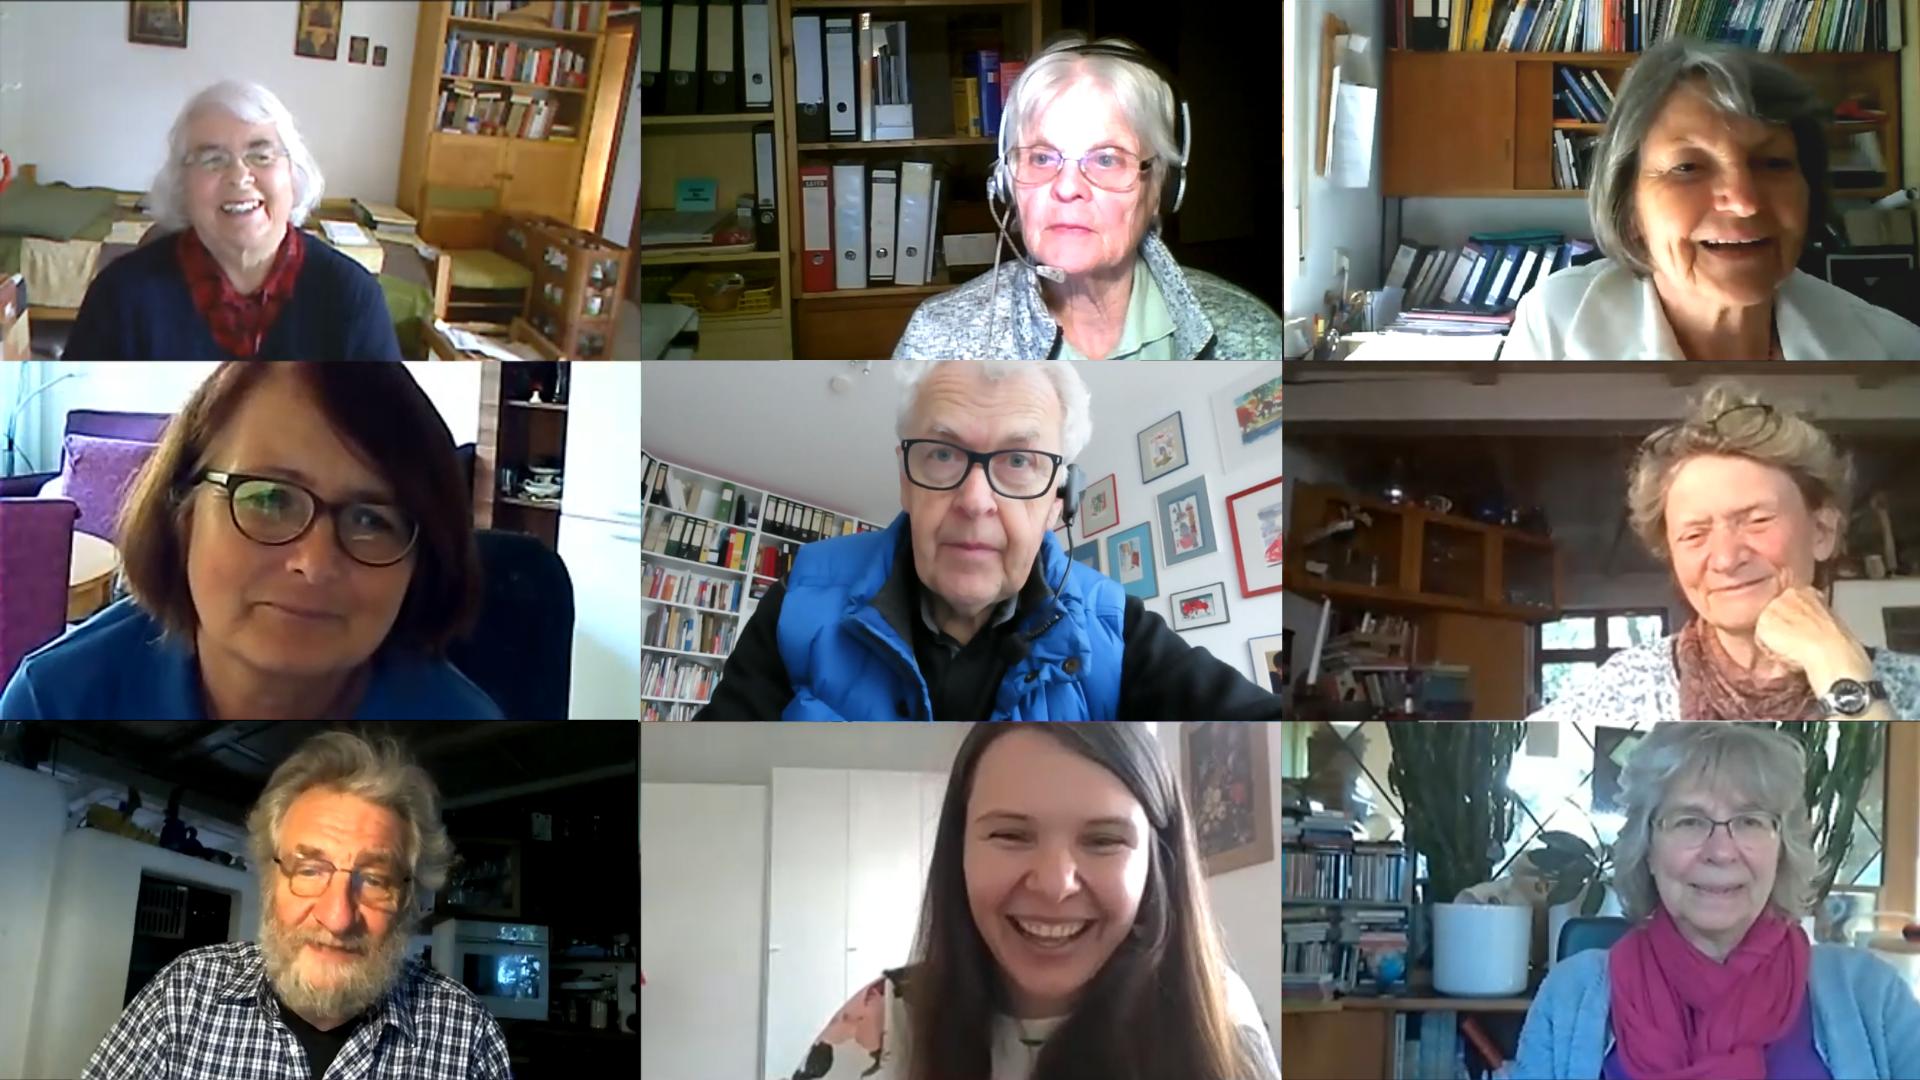 Es handelt sich um ein Bildschirmfoto einer Videokonferenz. Es sind neun Personen abgelichtet. Jeweils drei nebeneinander.